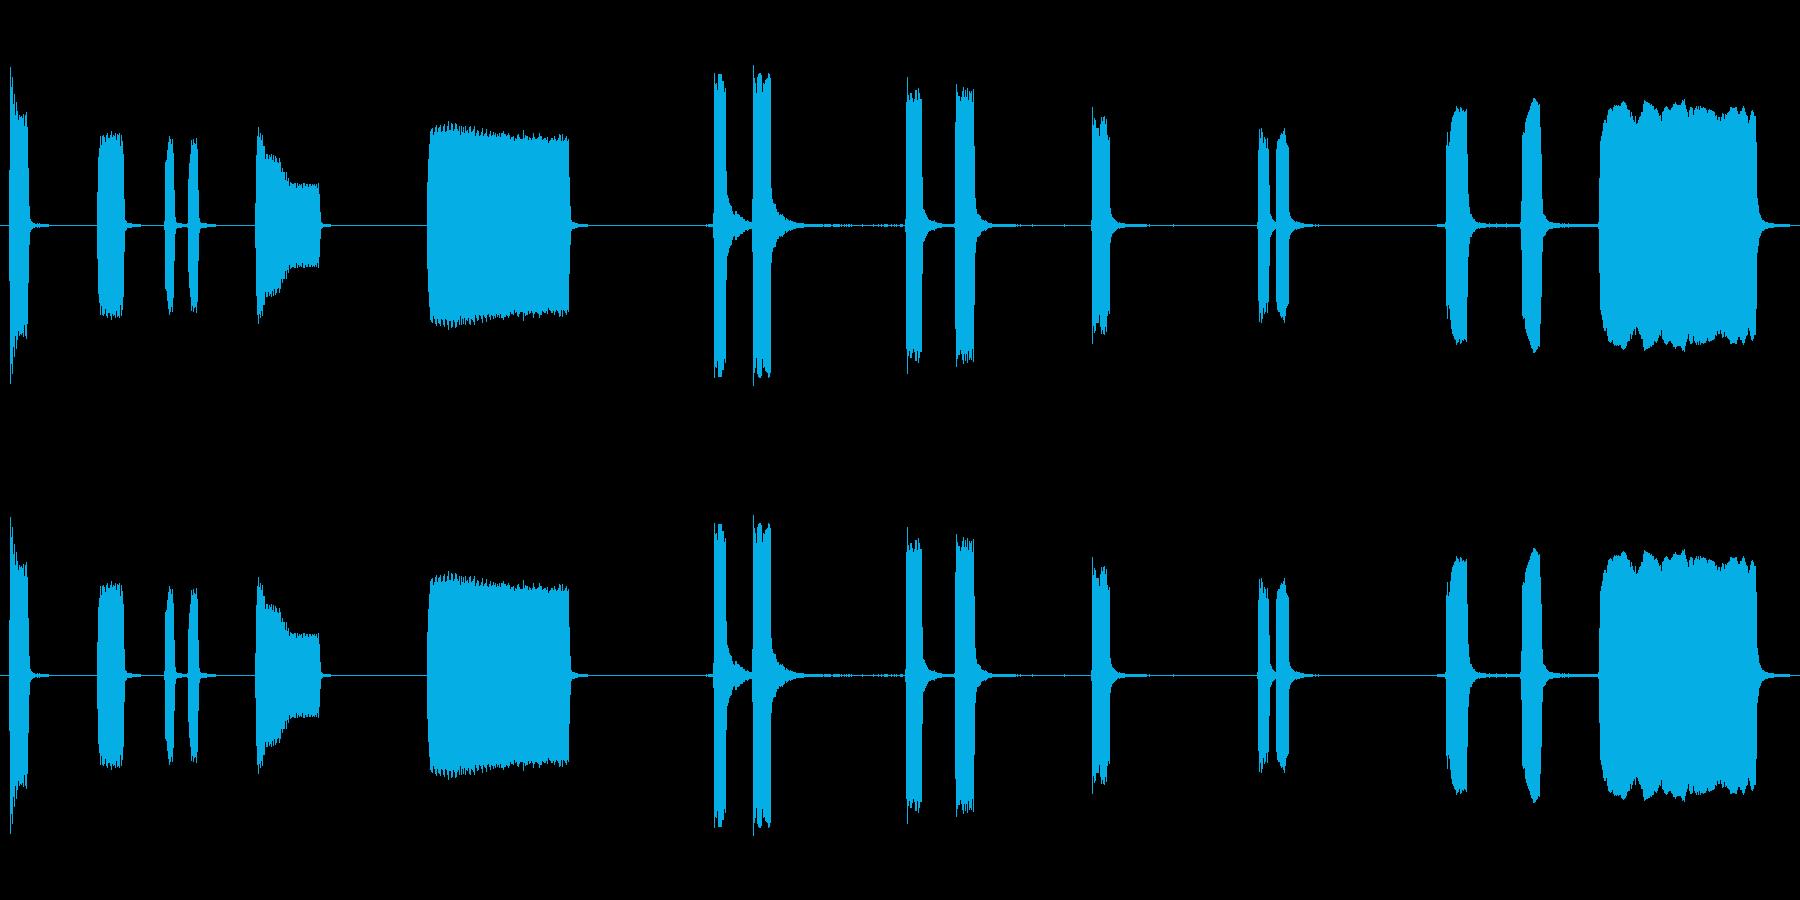 車、ホーン、信号、3つのバージョン...の再生済みの波形